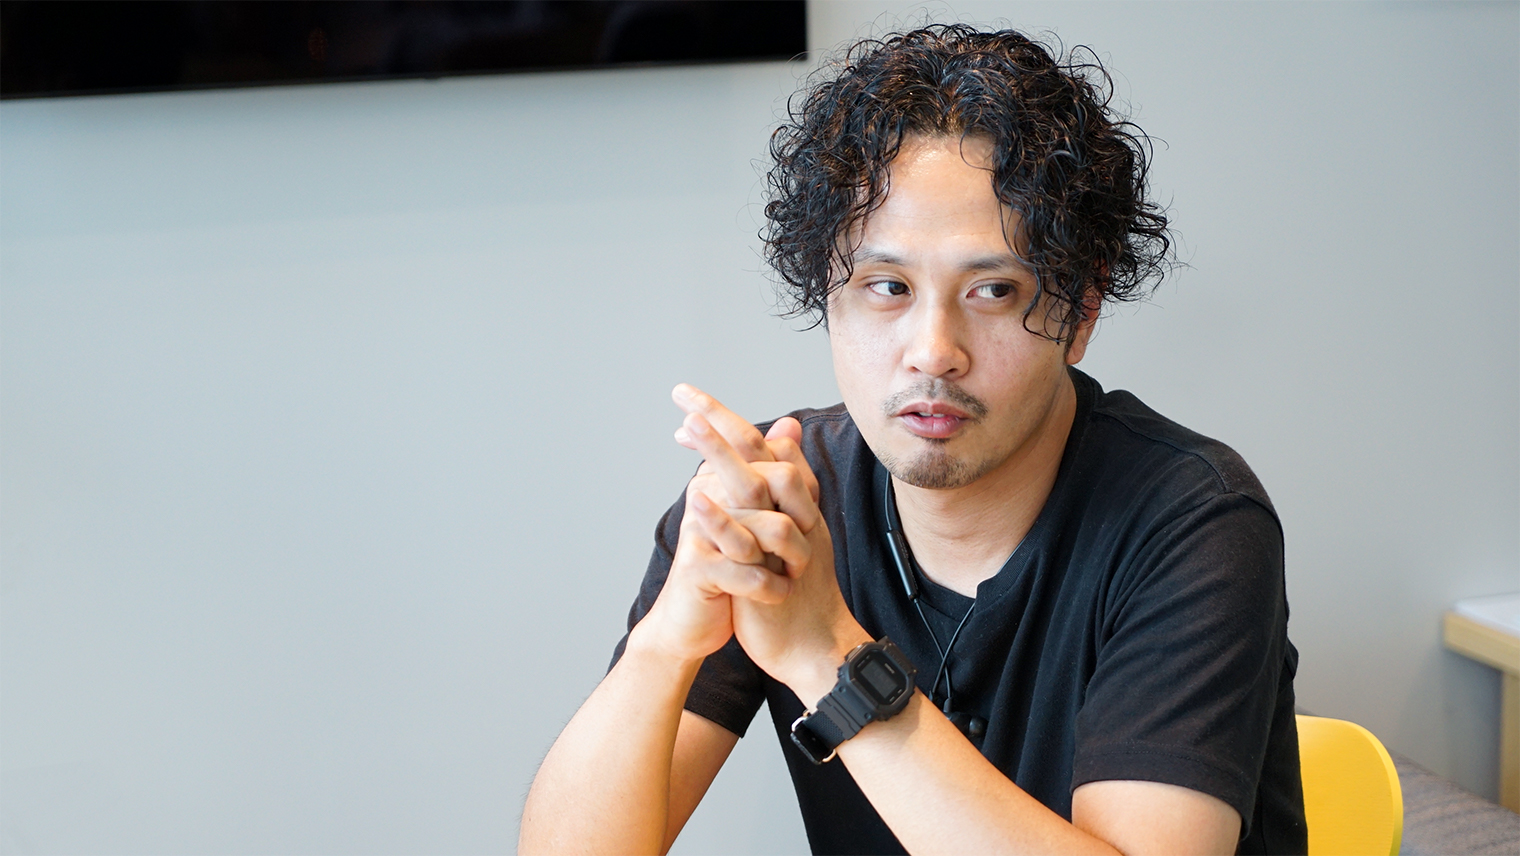 浅野哲志さん 「REON POCKET」プロジェクトメンバー ファッション専業広告会社勤務